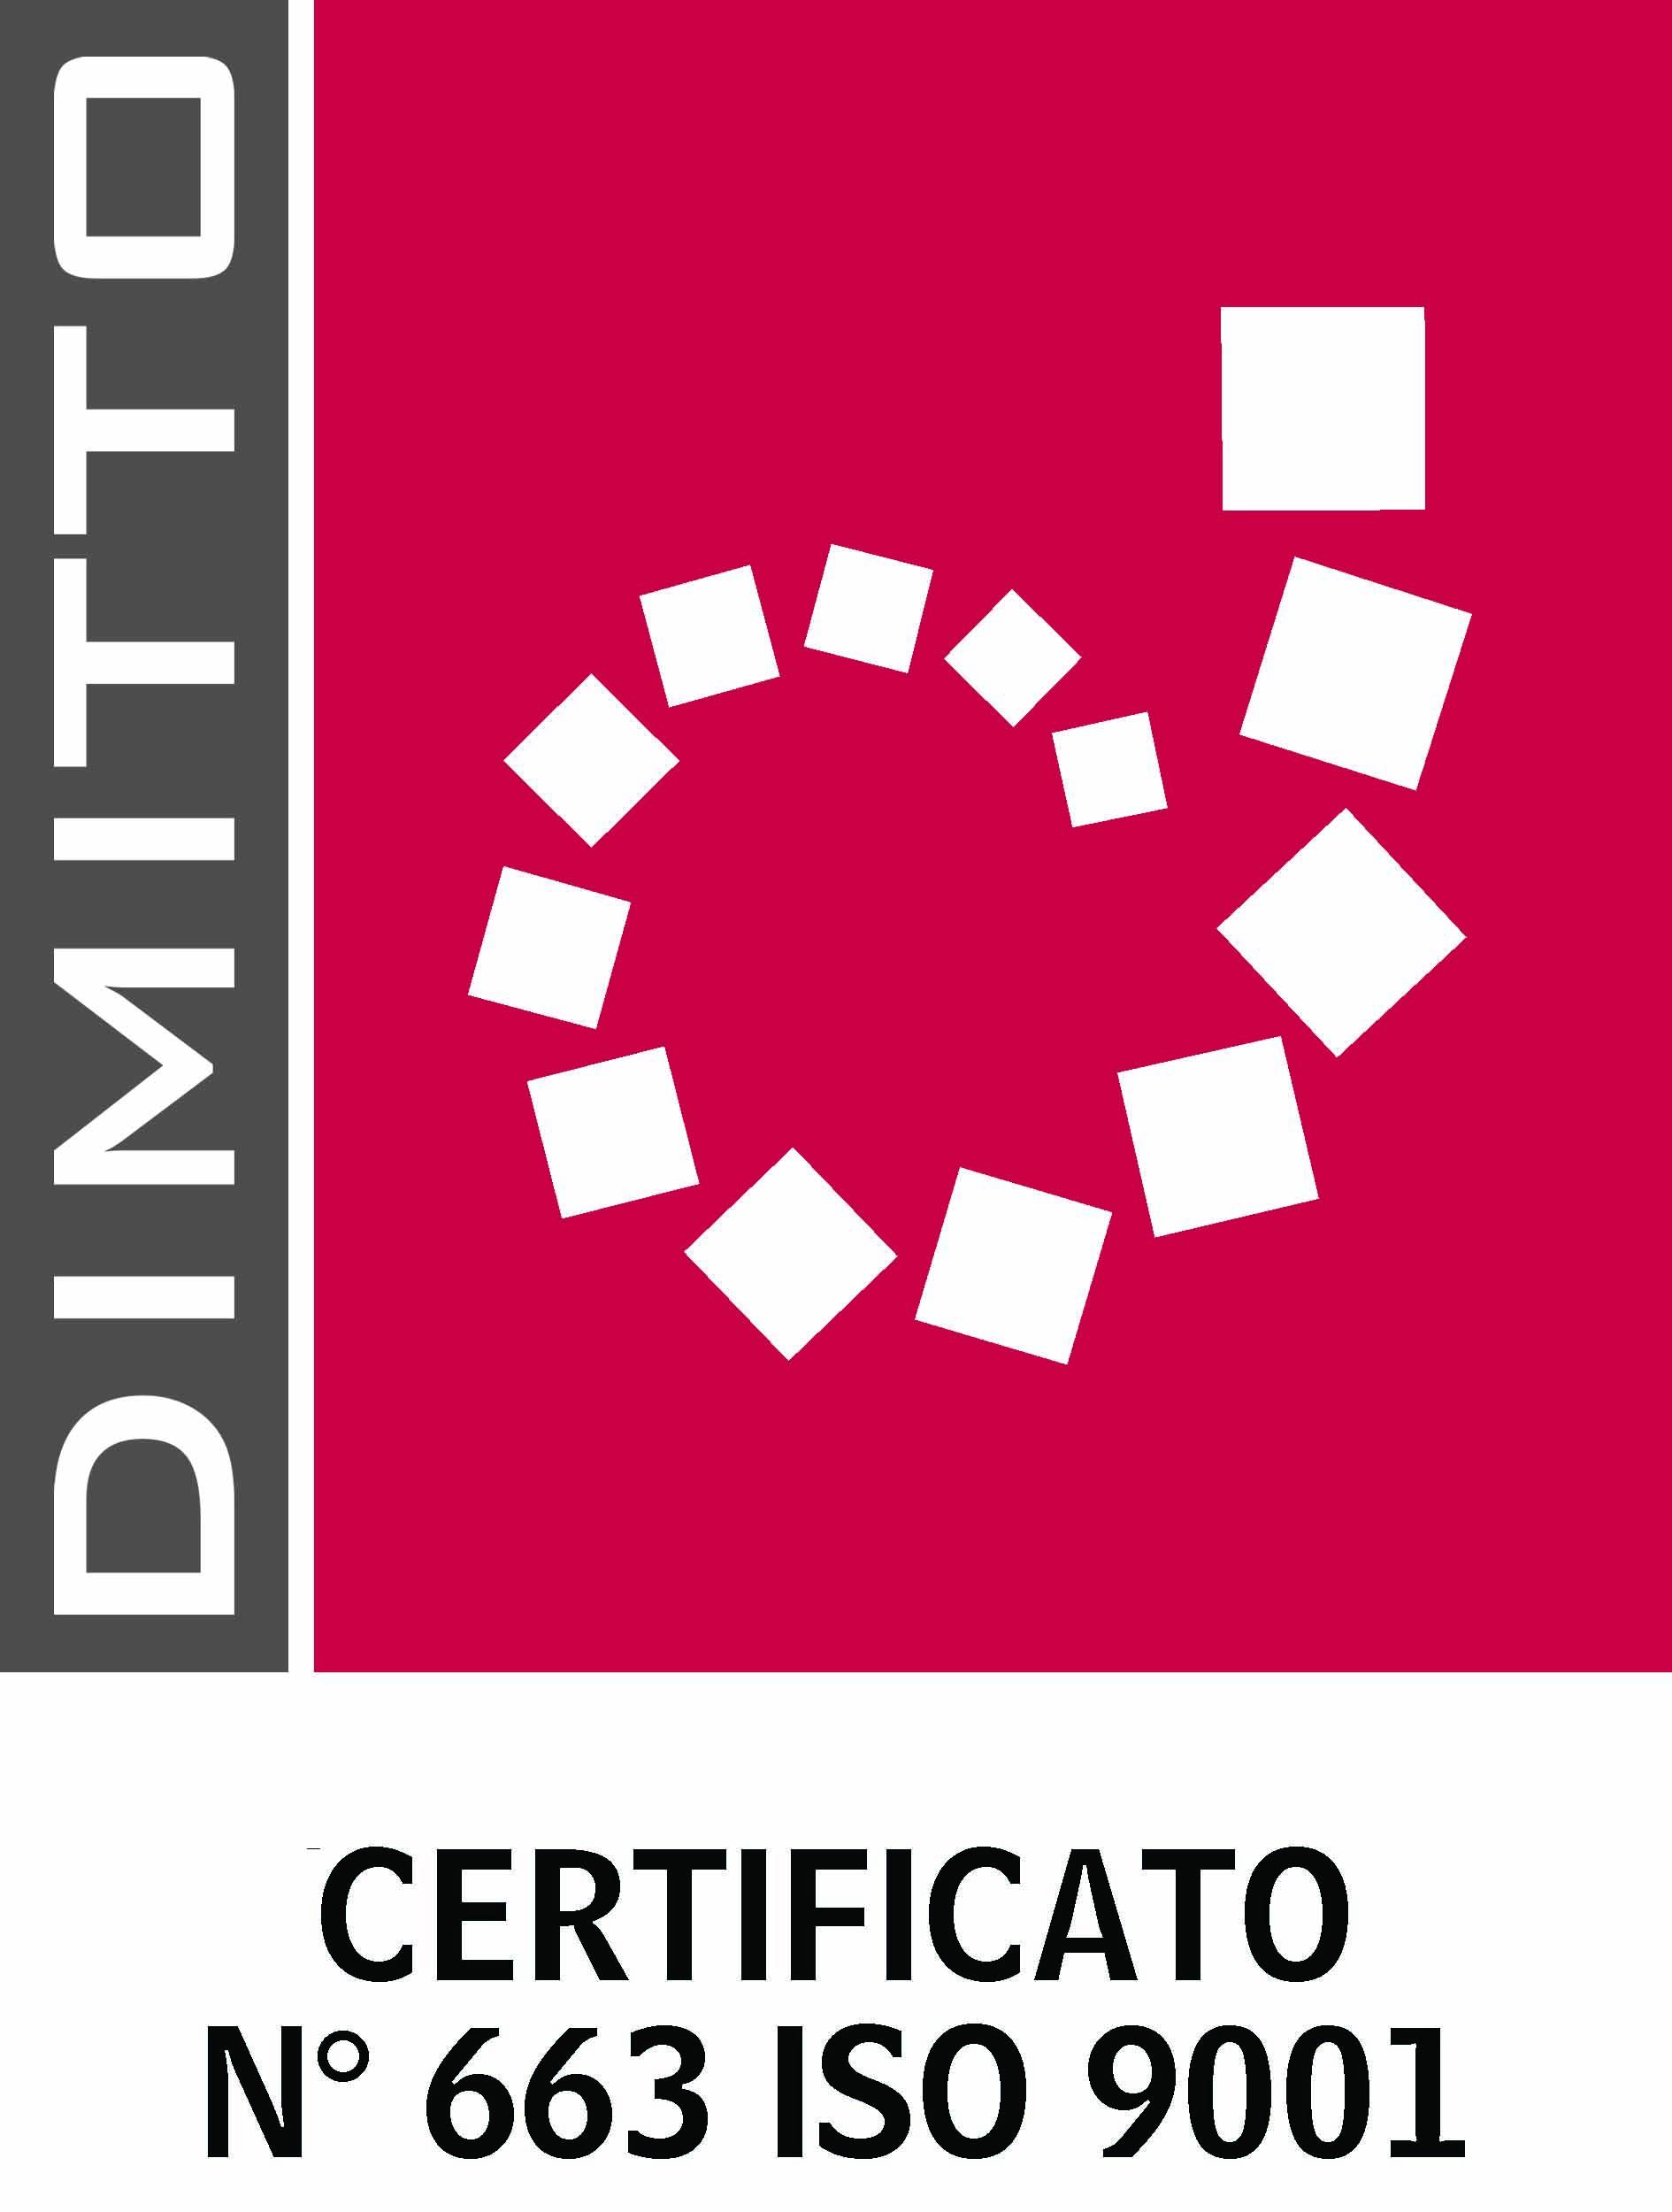 LOGO DIMITTO N 663 ISO 9001 IL COMITATO LINGUISTICO bassa risoluzione